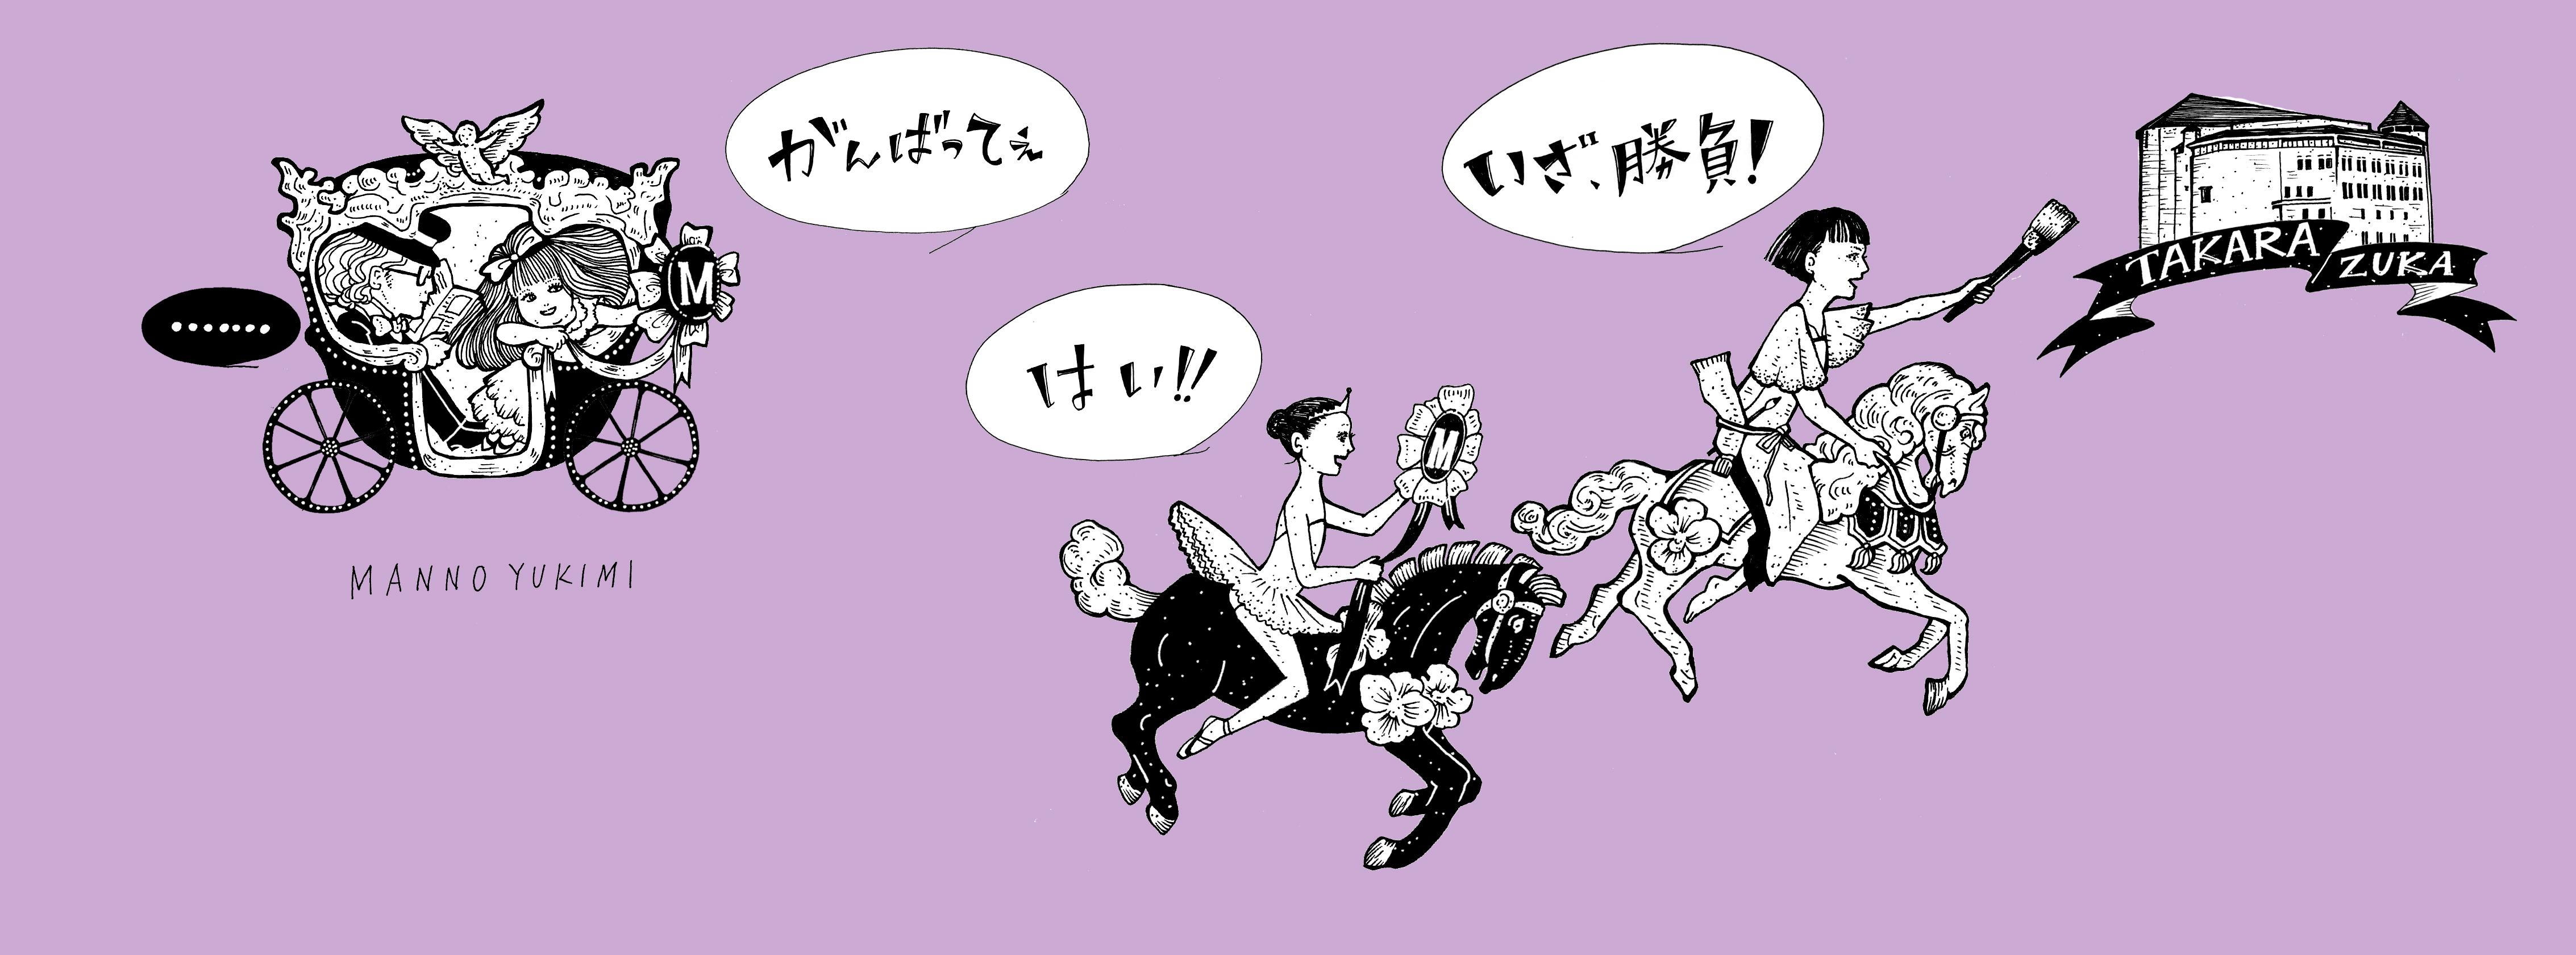 宝塚いざ、勝負!